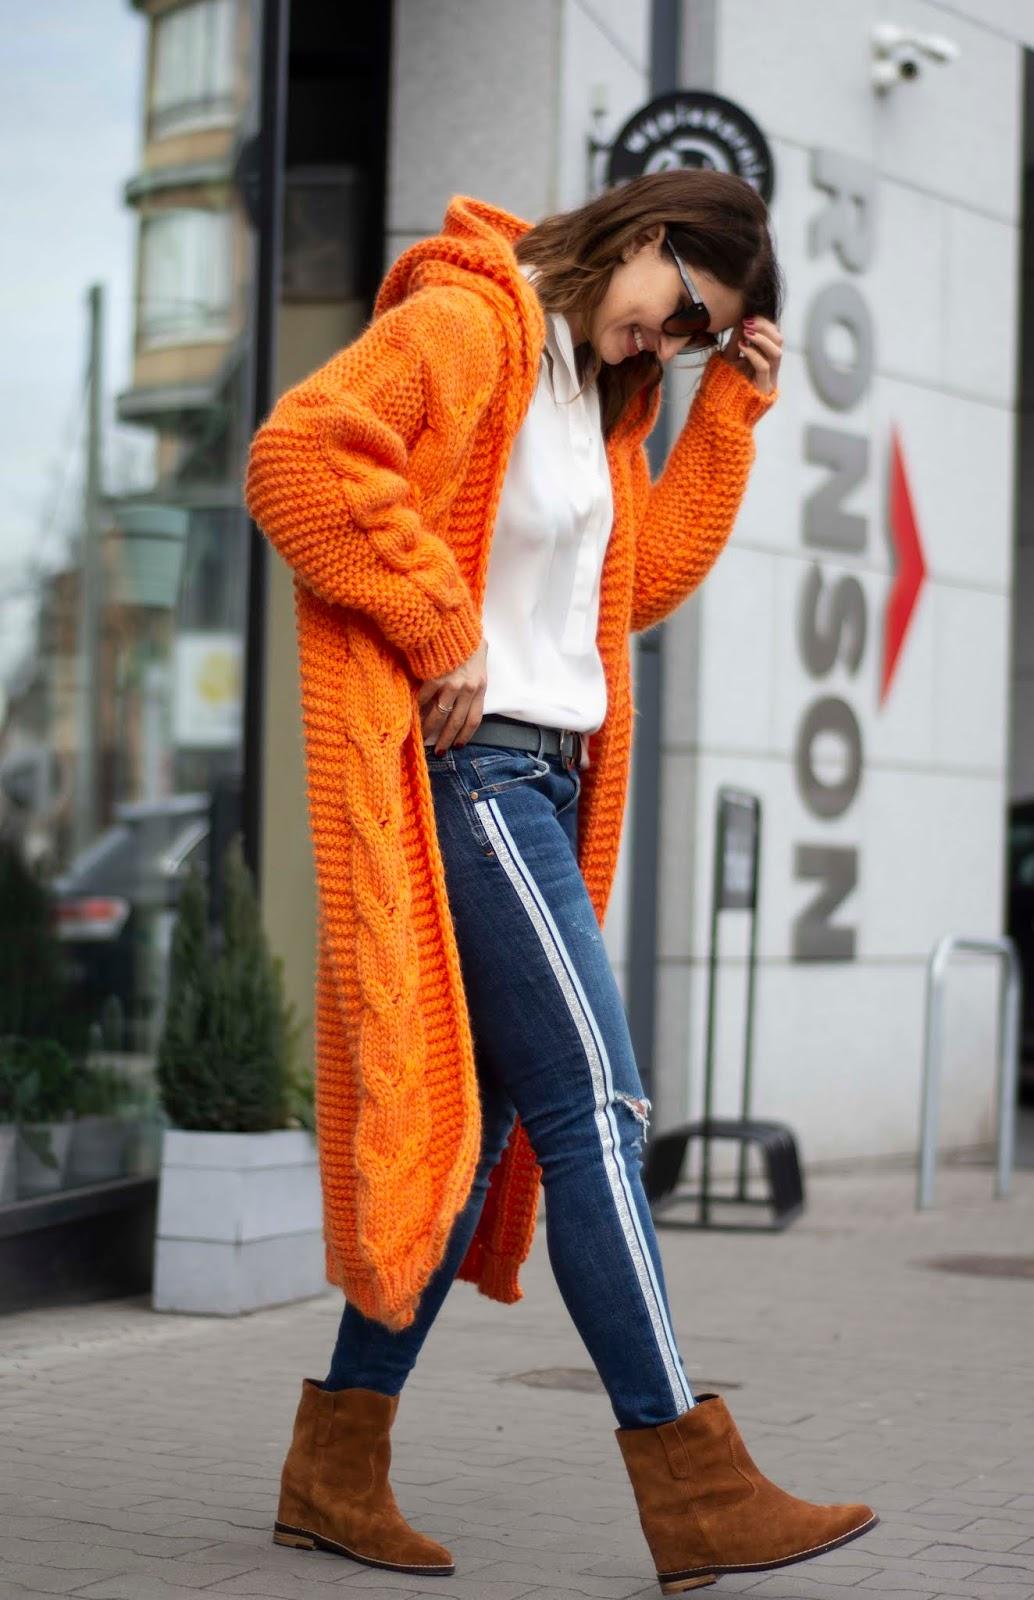 Sweater weather * czyli pomarańczowy maksi sweter w codziennej stylizacji